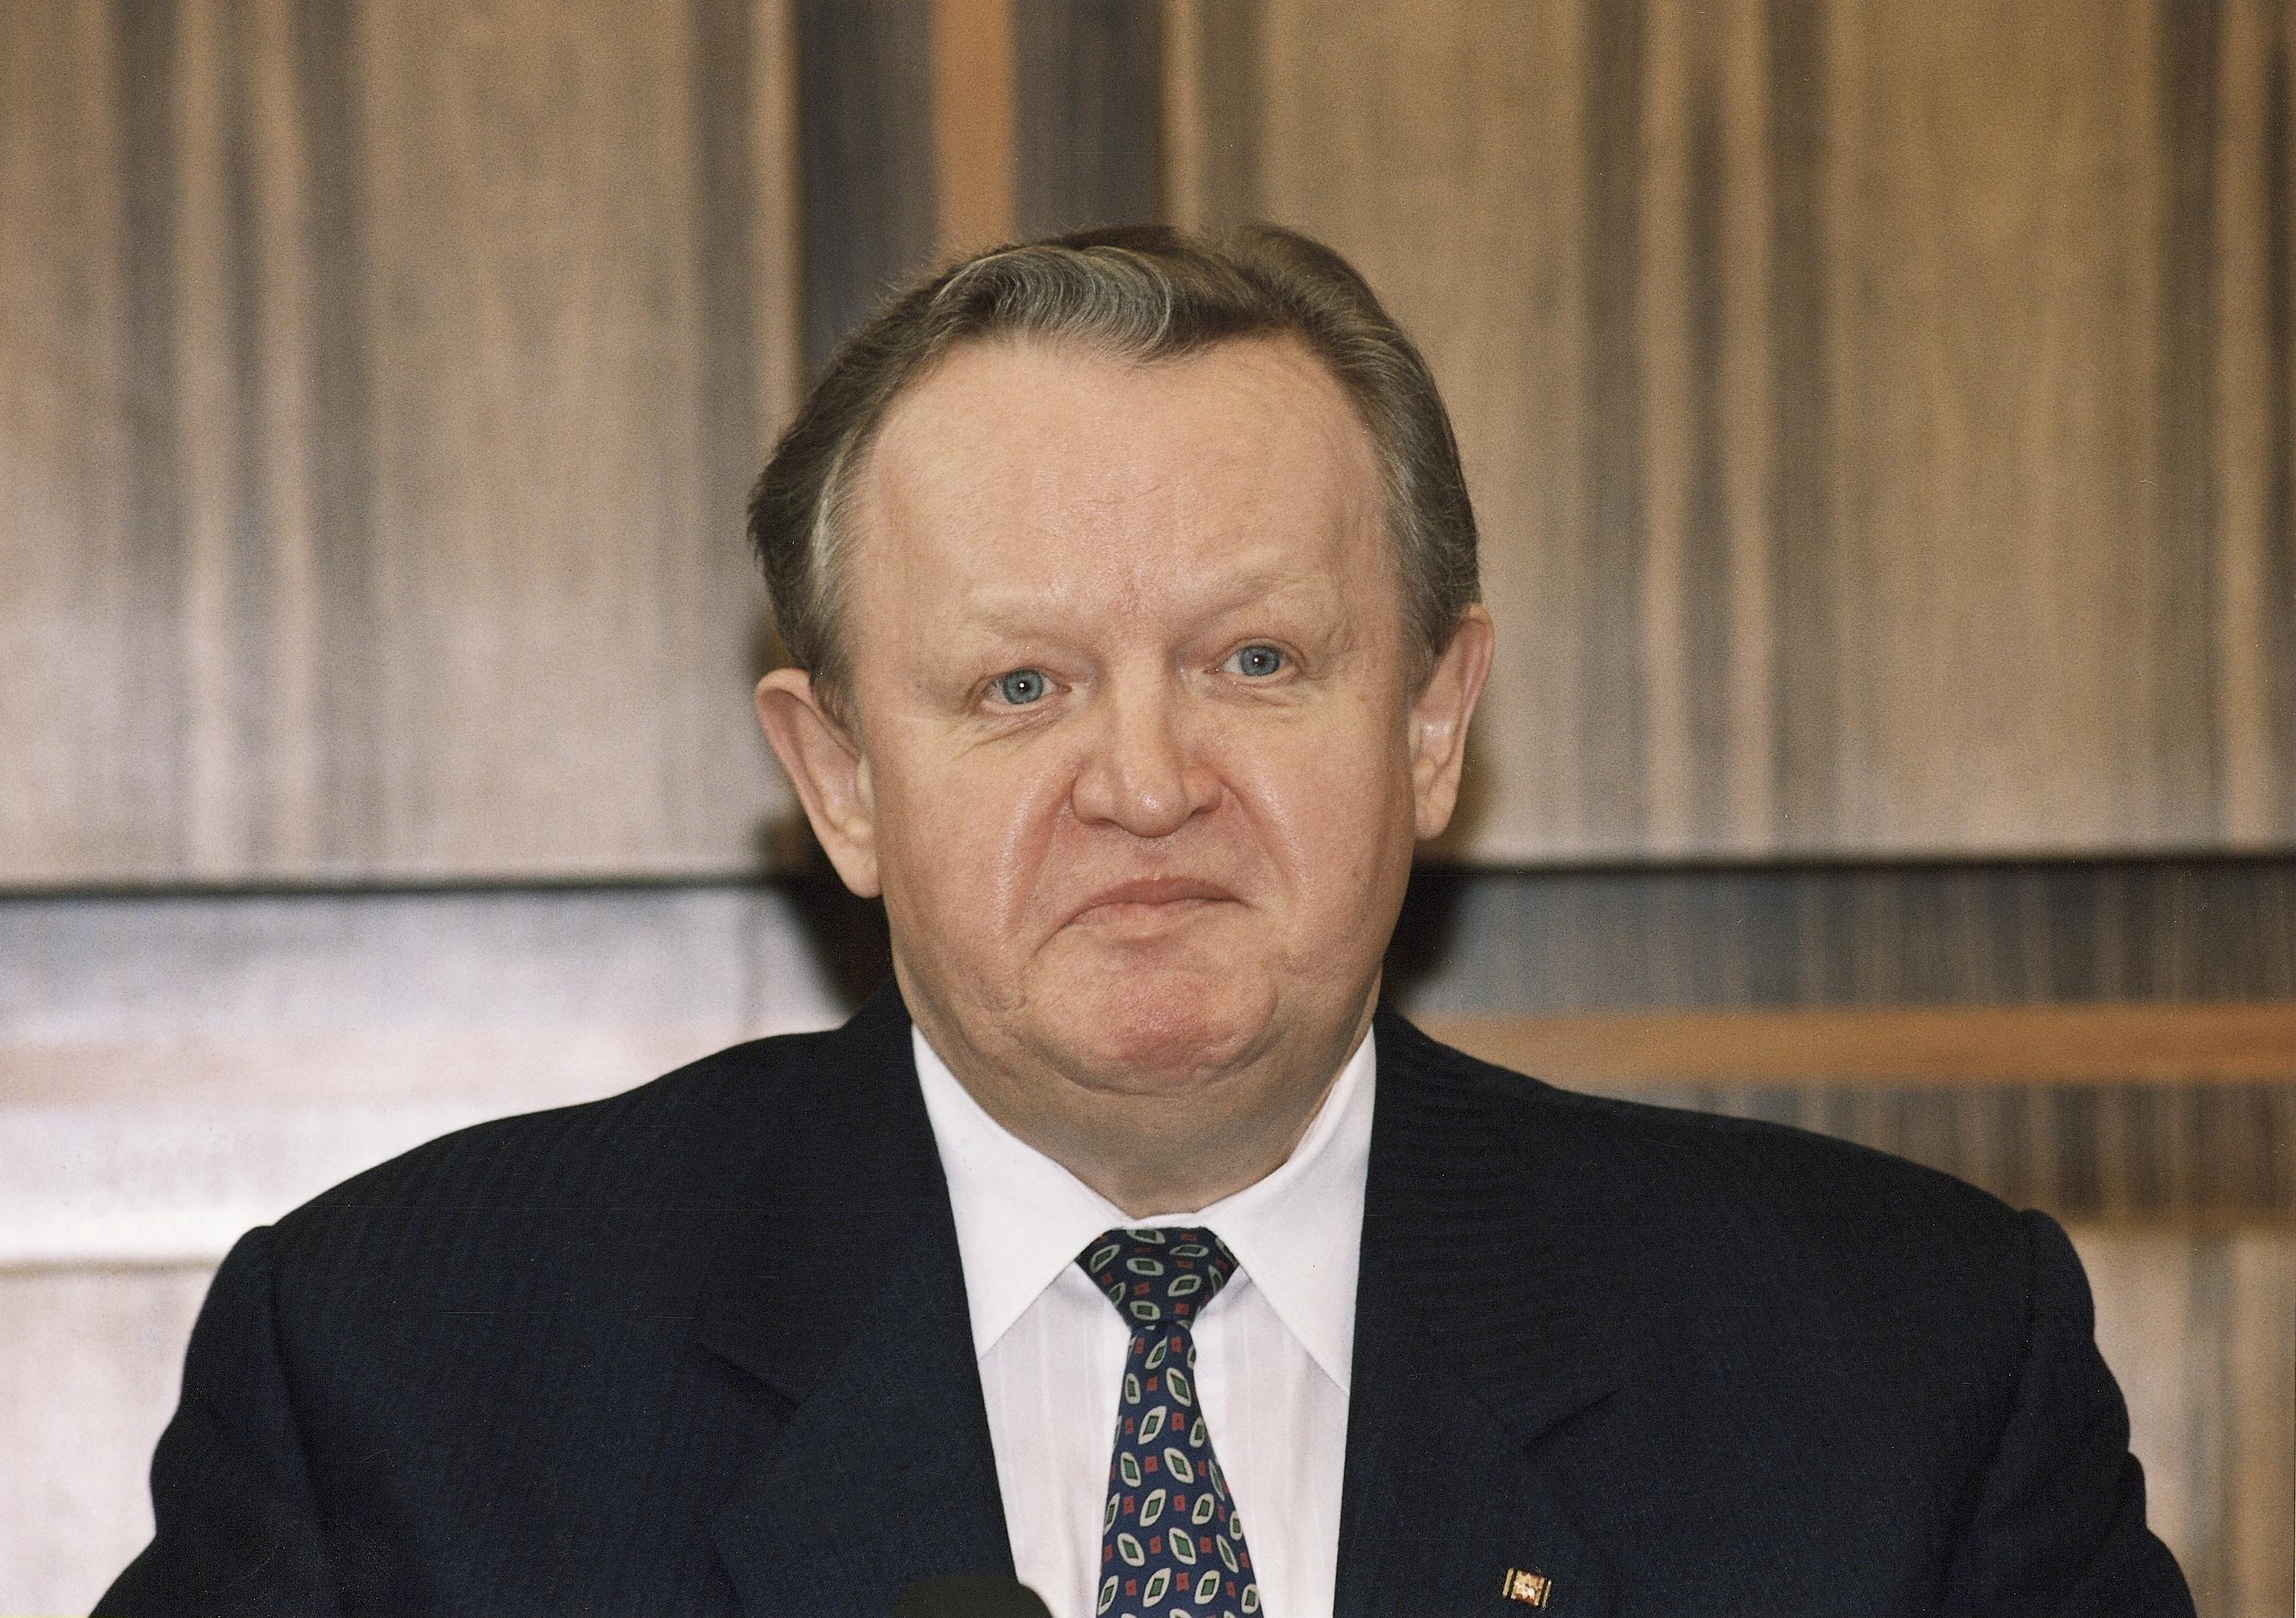 Martti Ahtisaari keksi tuoda jazzmusiikkia Linnaan. Kuva Suomen tasavallan 10. presidentistä vuodelta 1994.